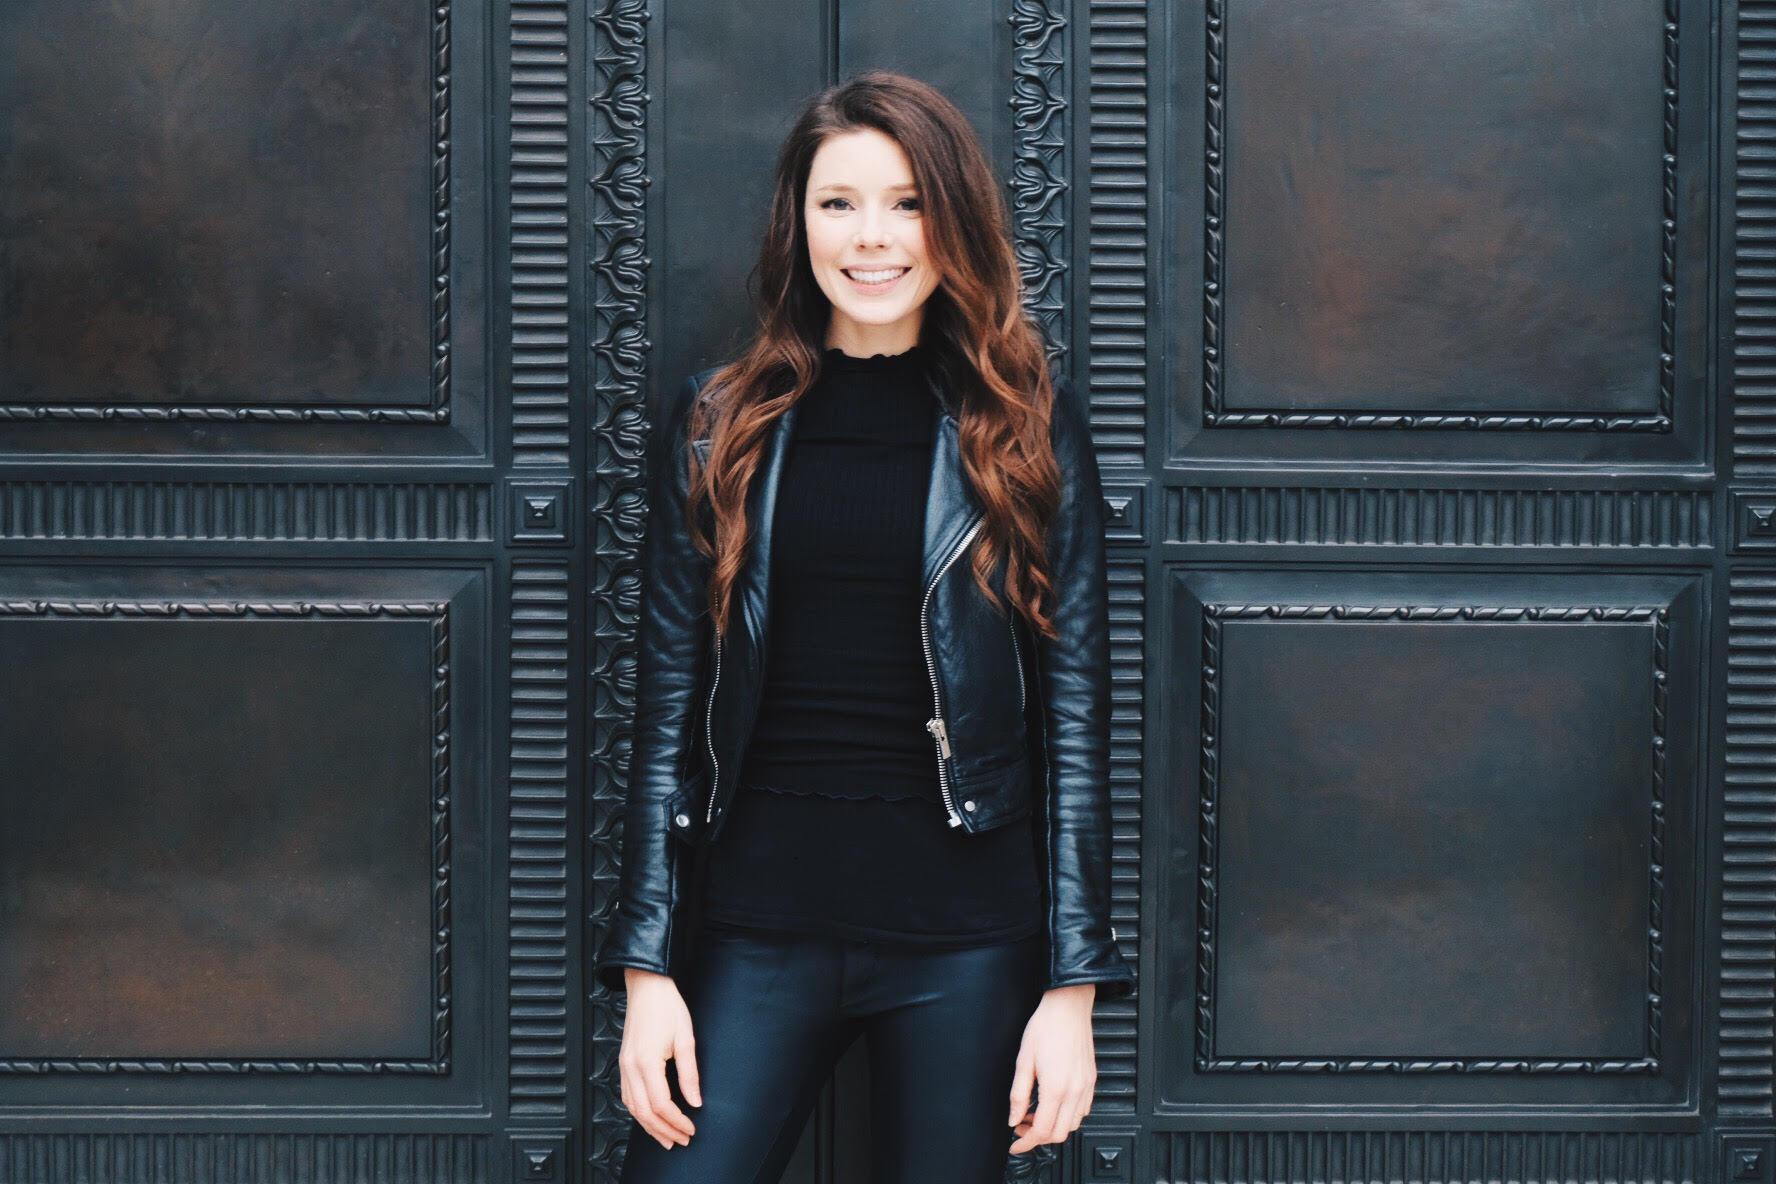 Intervju med skådespelerskan Magdalena Sverlander